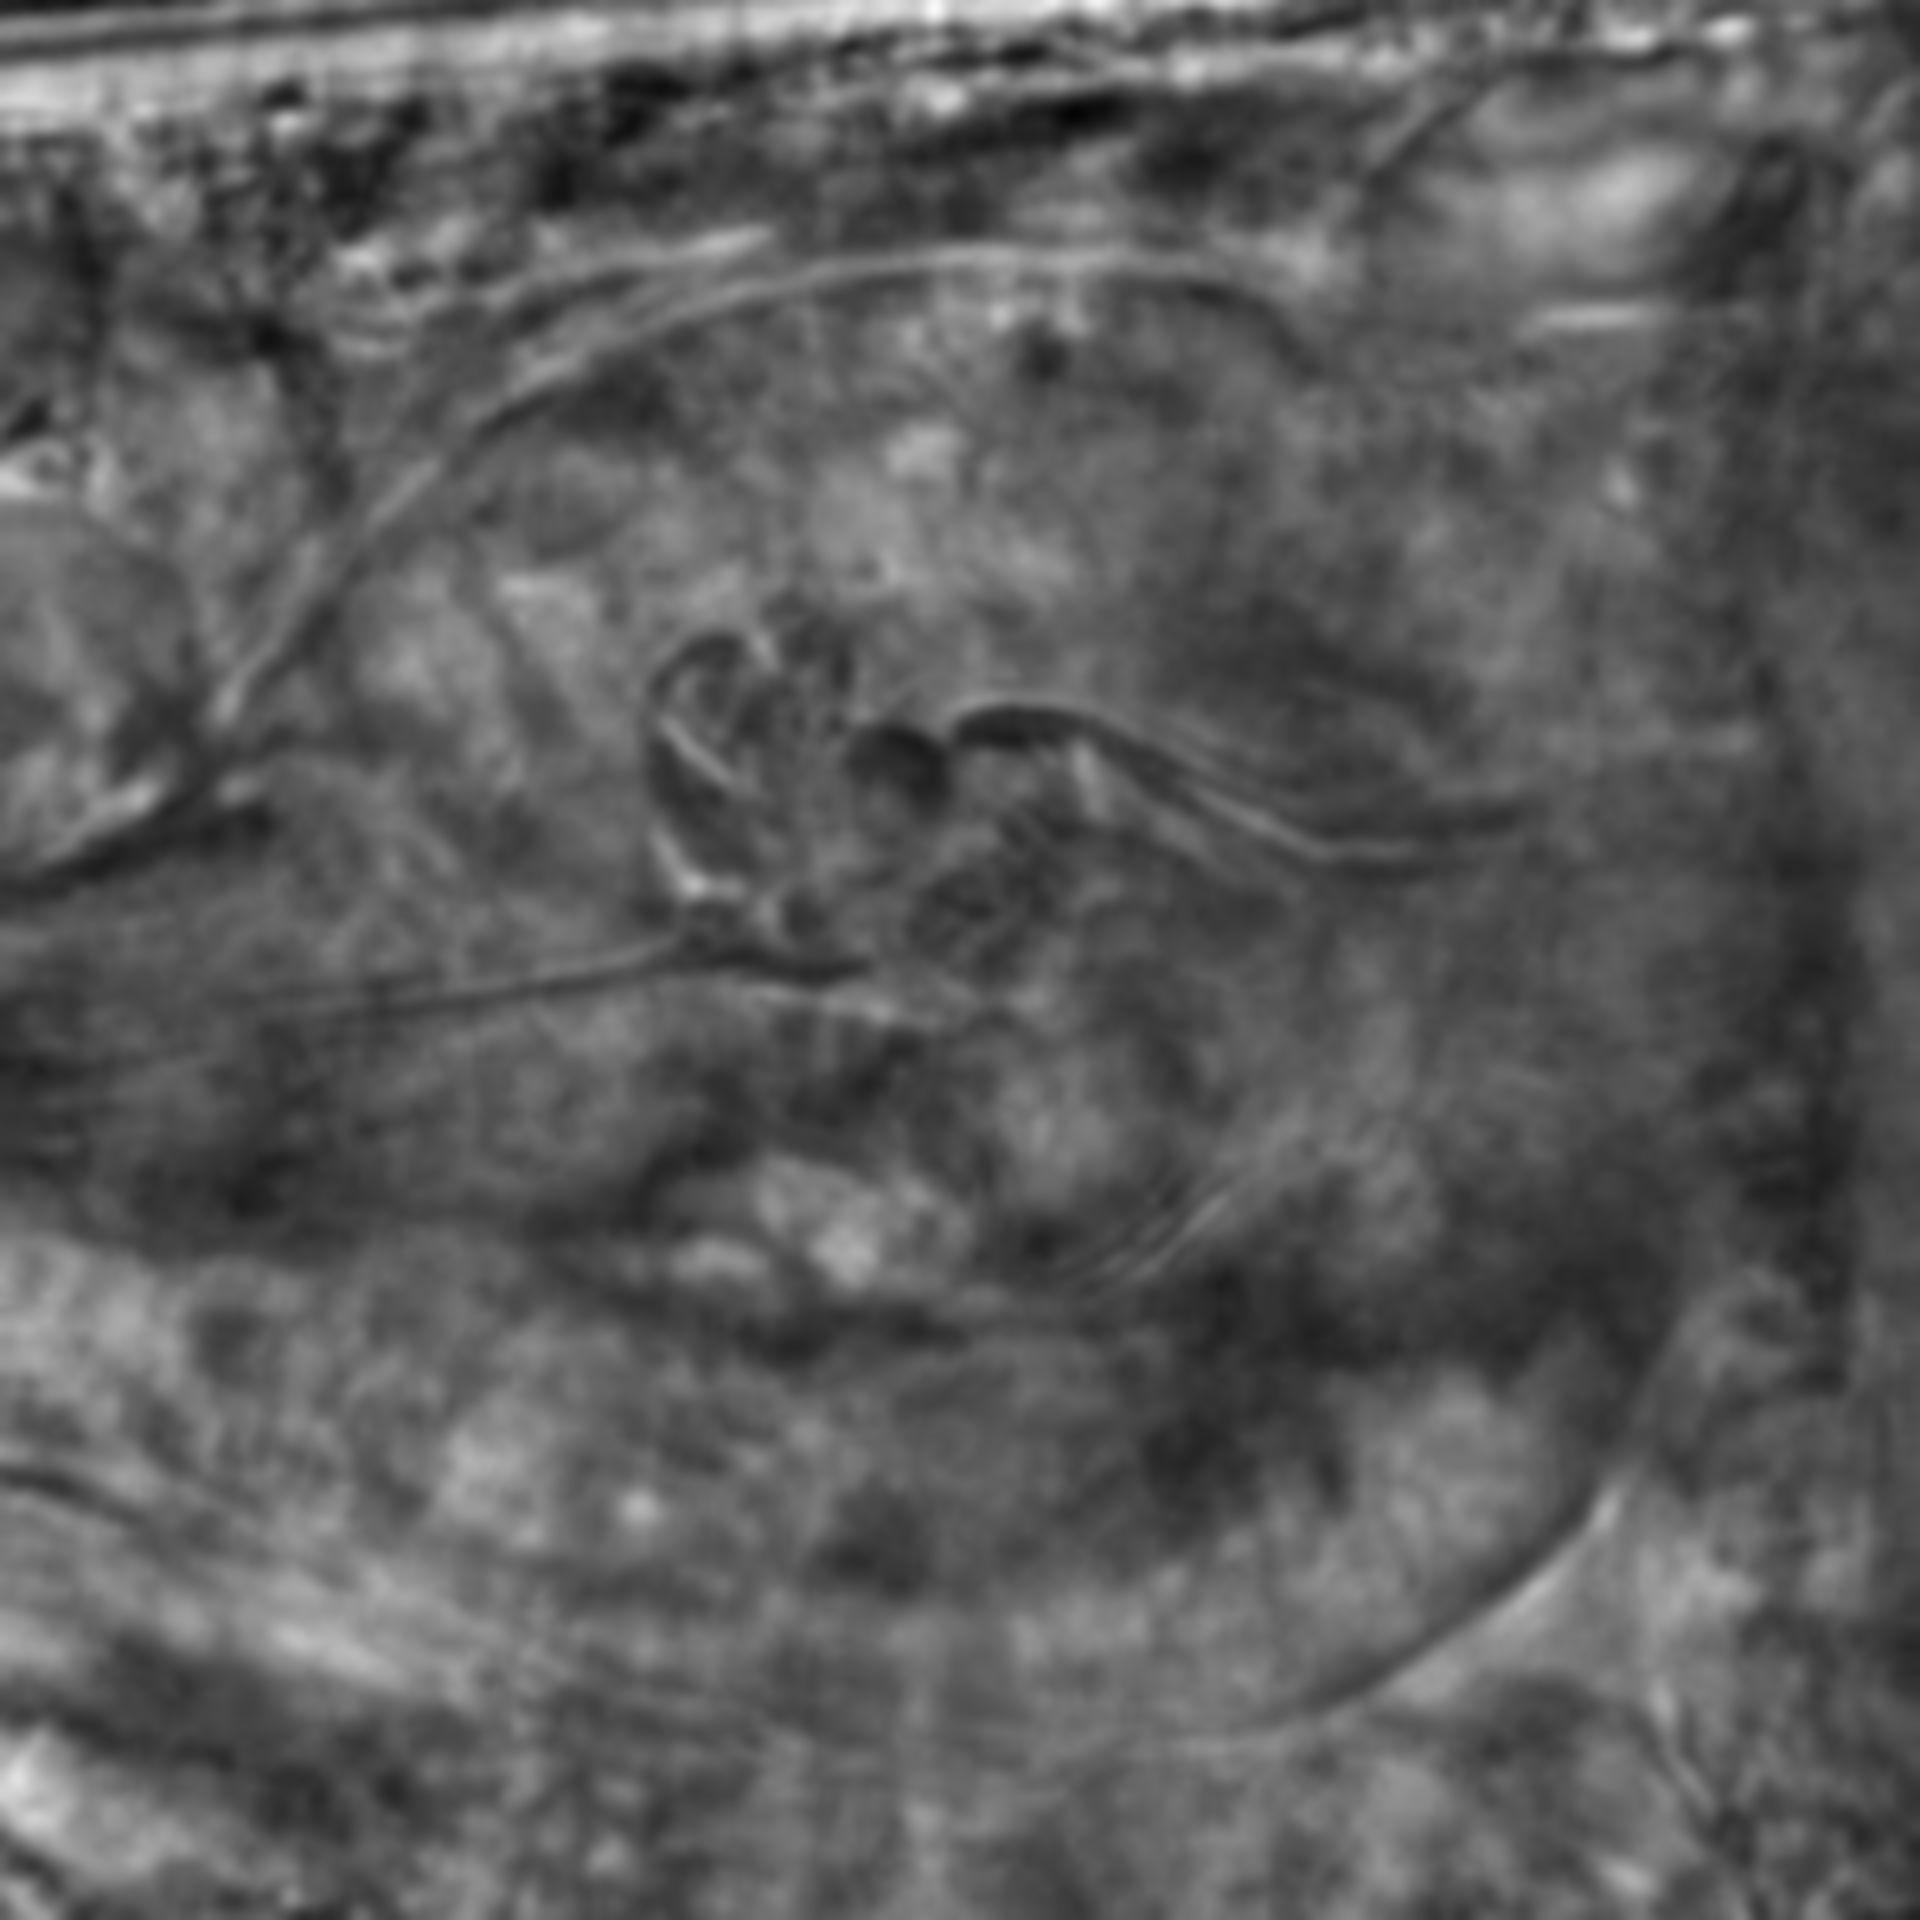 Caenorhabditis elegans - CIL:2818